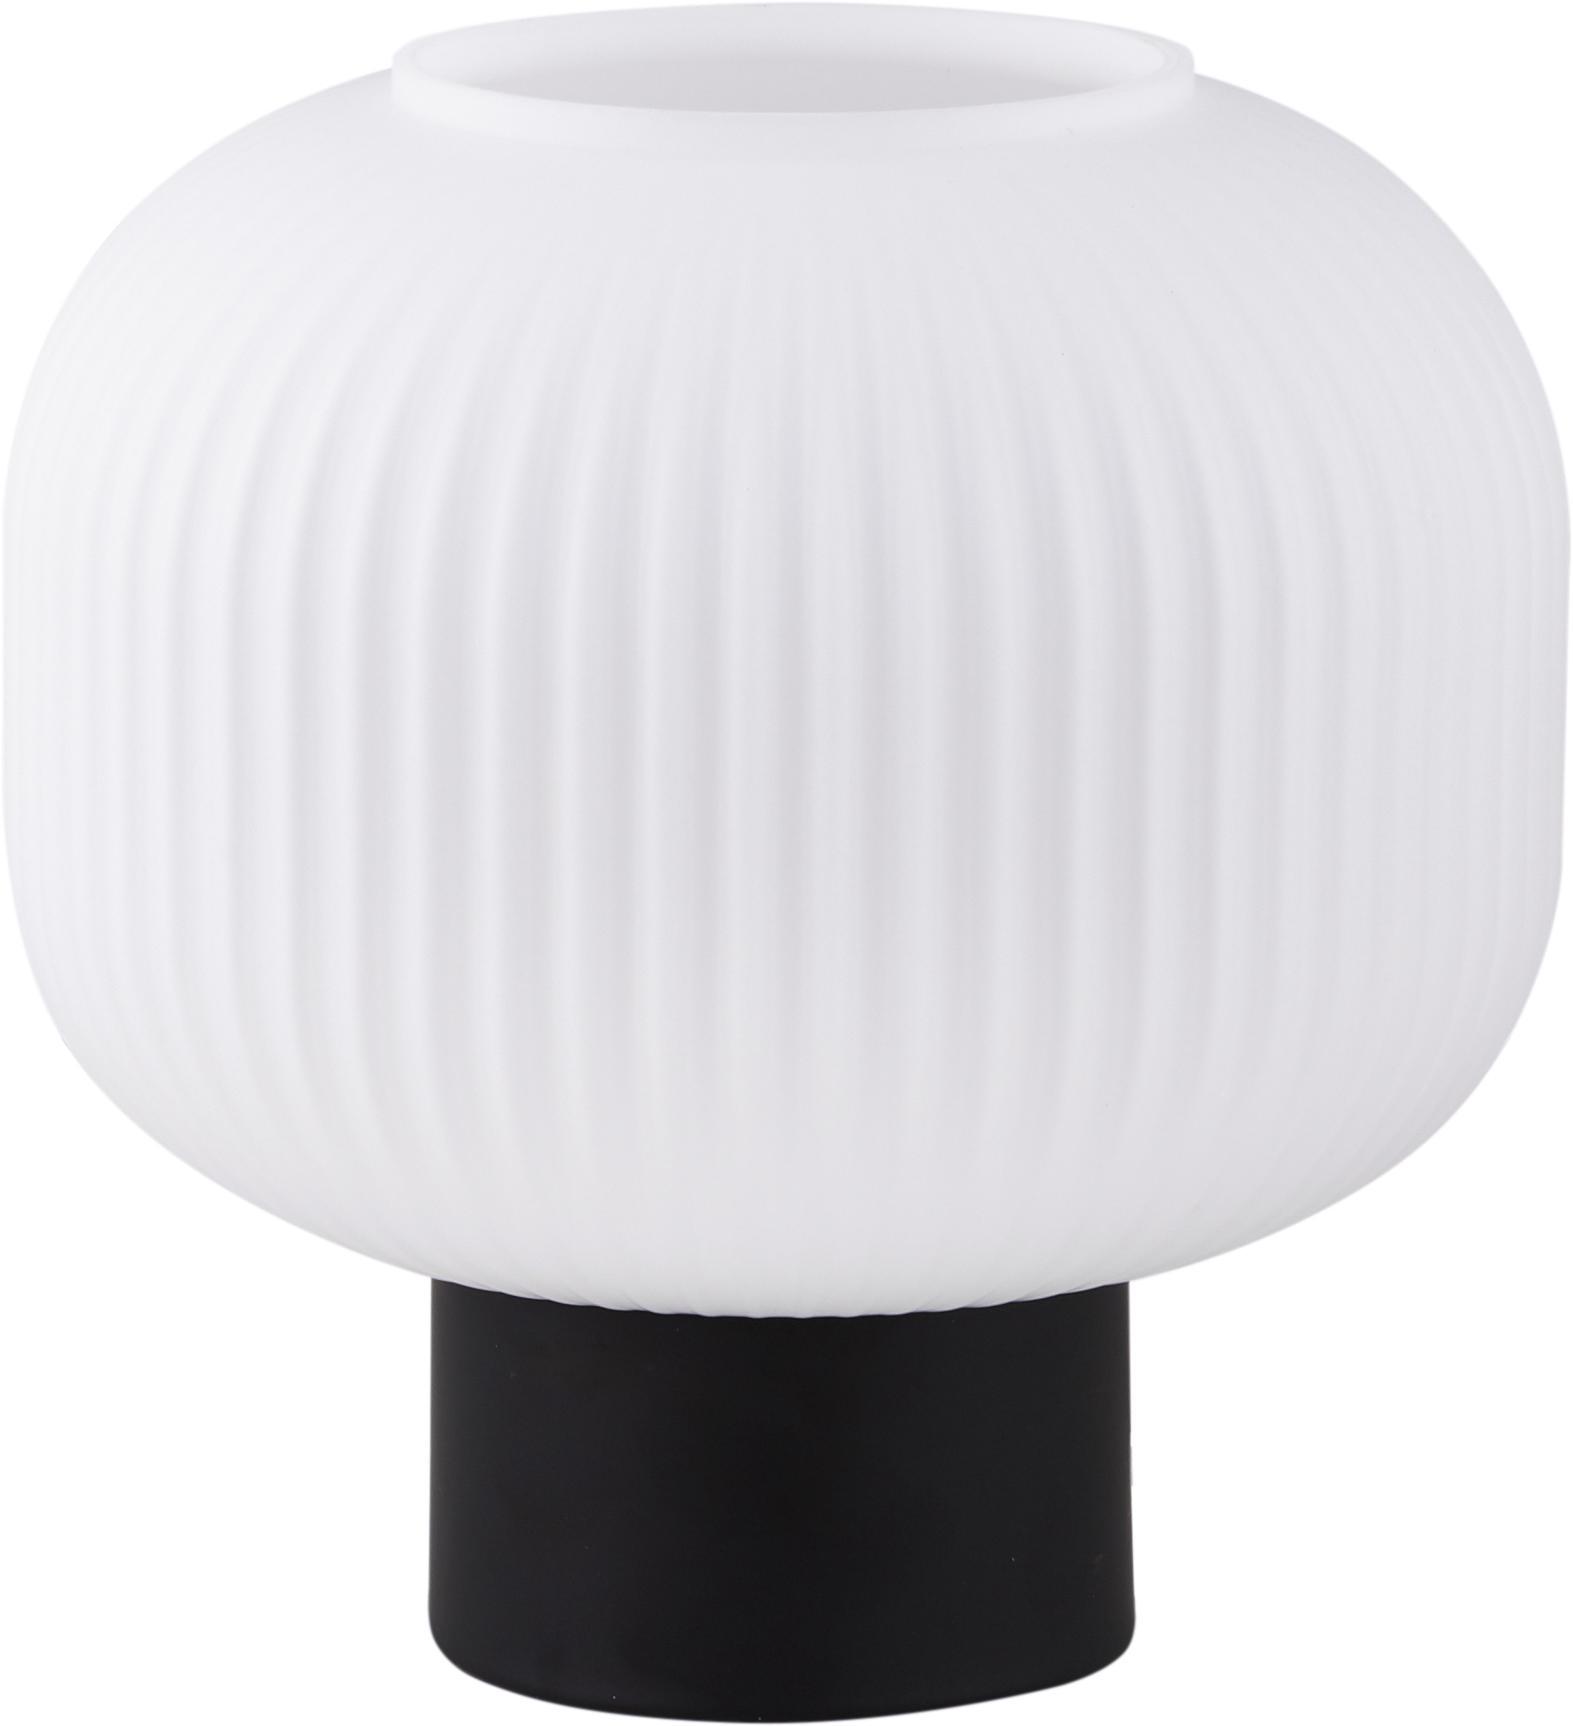 Lampa stołowa Milford, Czarny, biały, opalowy, Ø 20 x W 20 cm